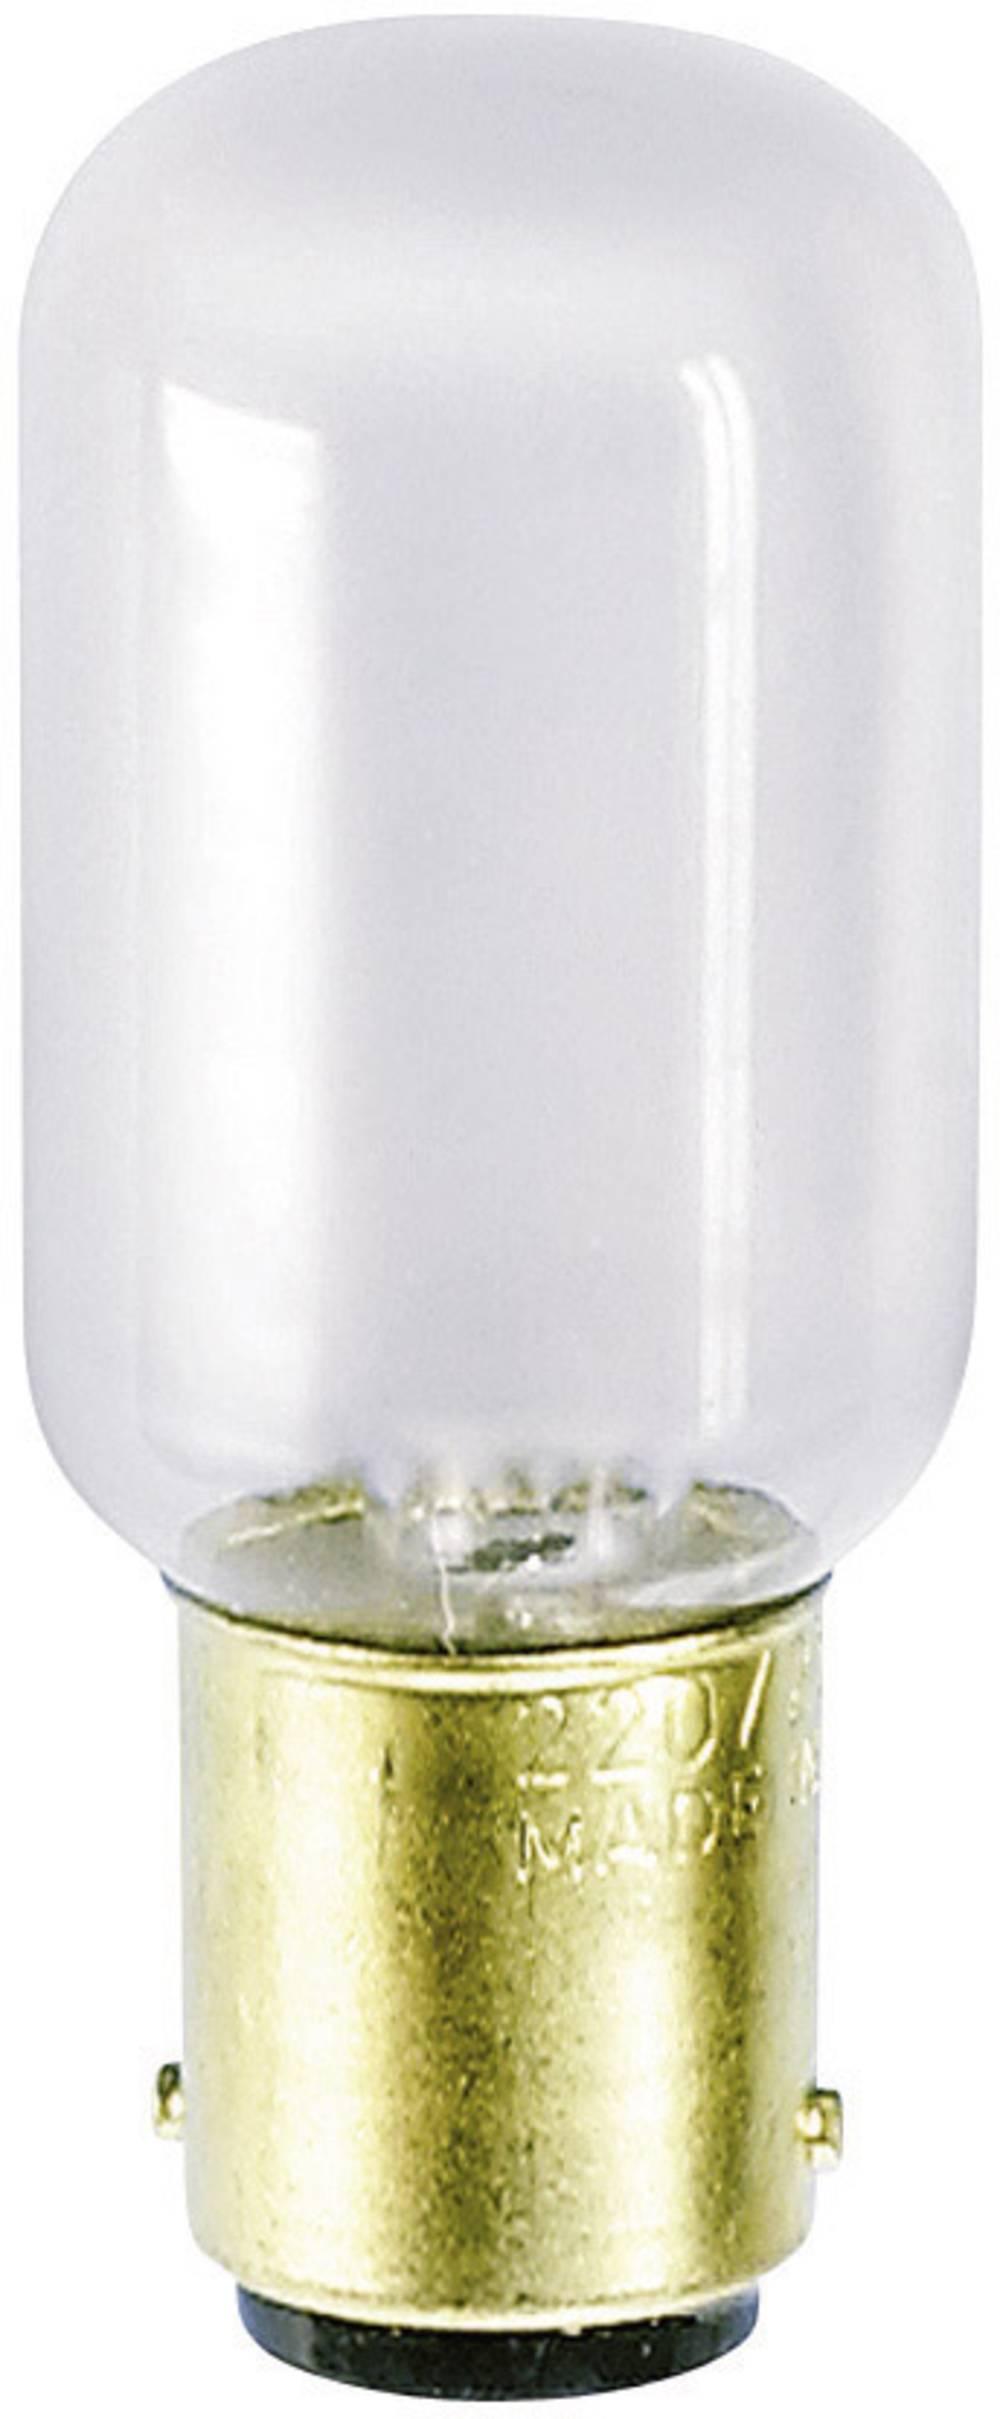 Cevasta žarnica za šivalni stroj 235 V 20 W 85 mA podnožje=BA15d mat Barthelme vsebina: 1 kos